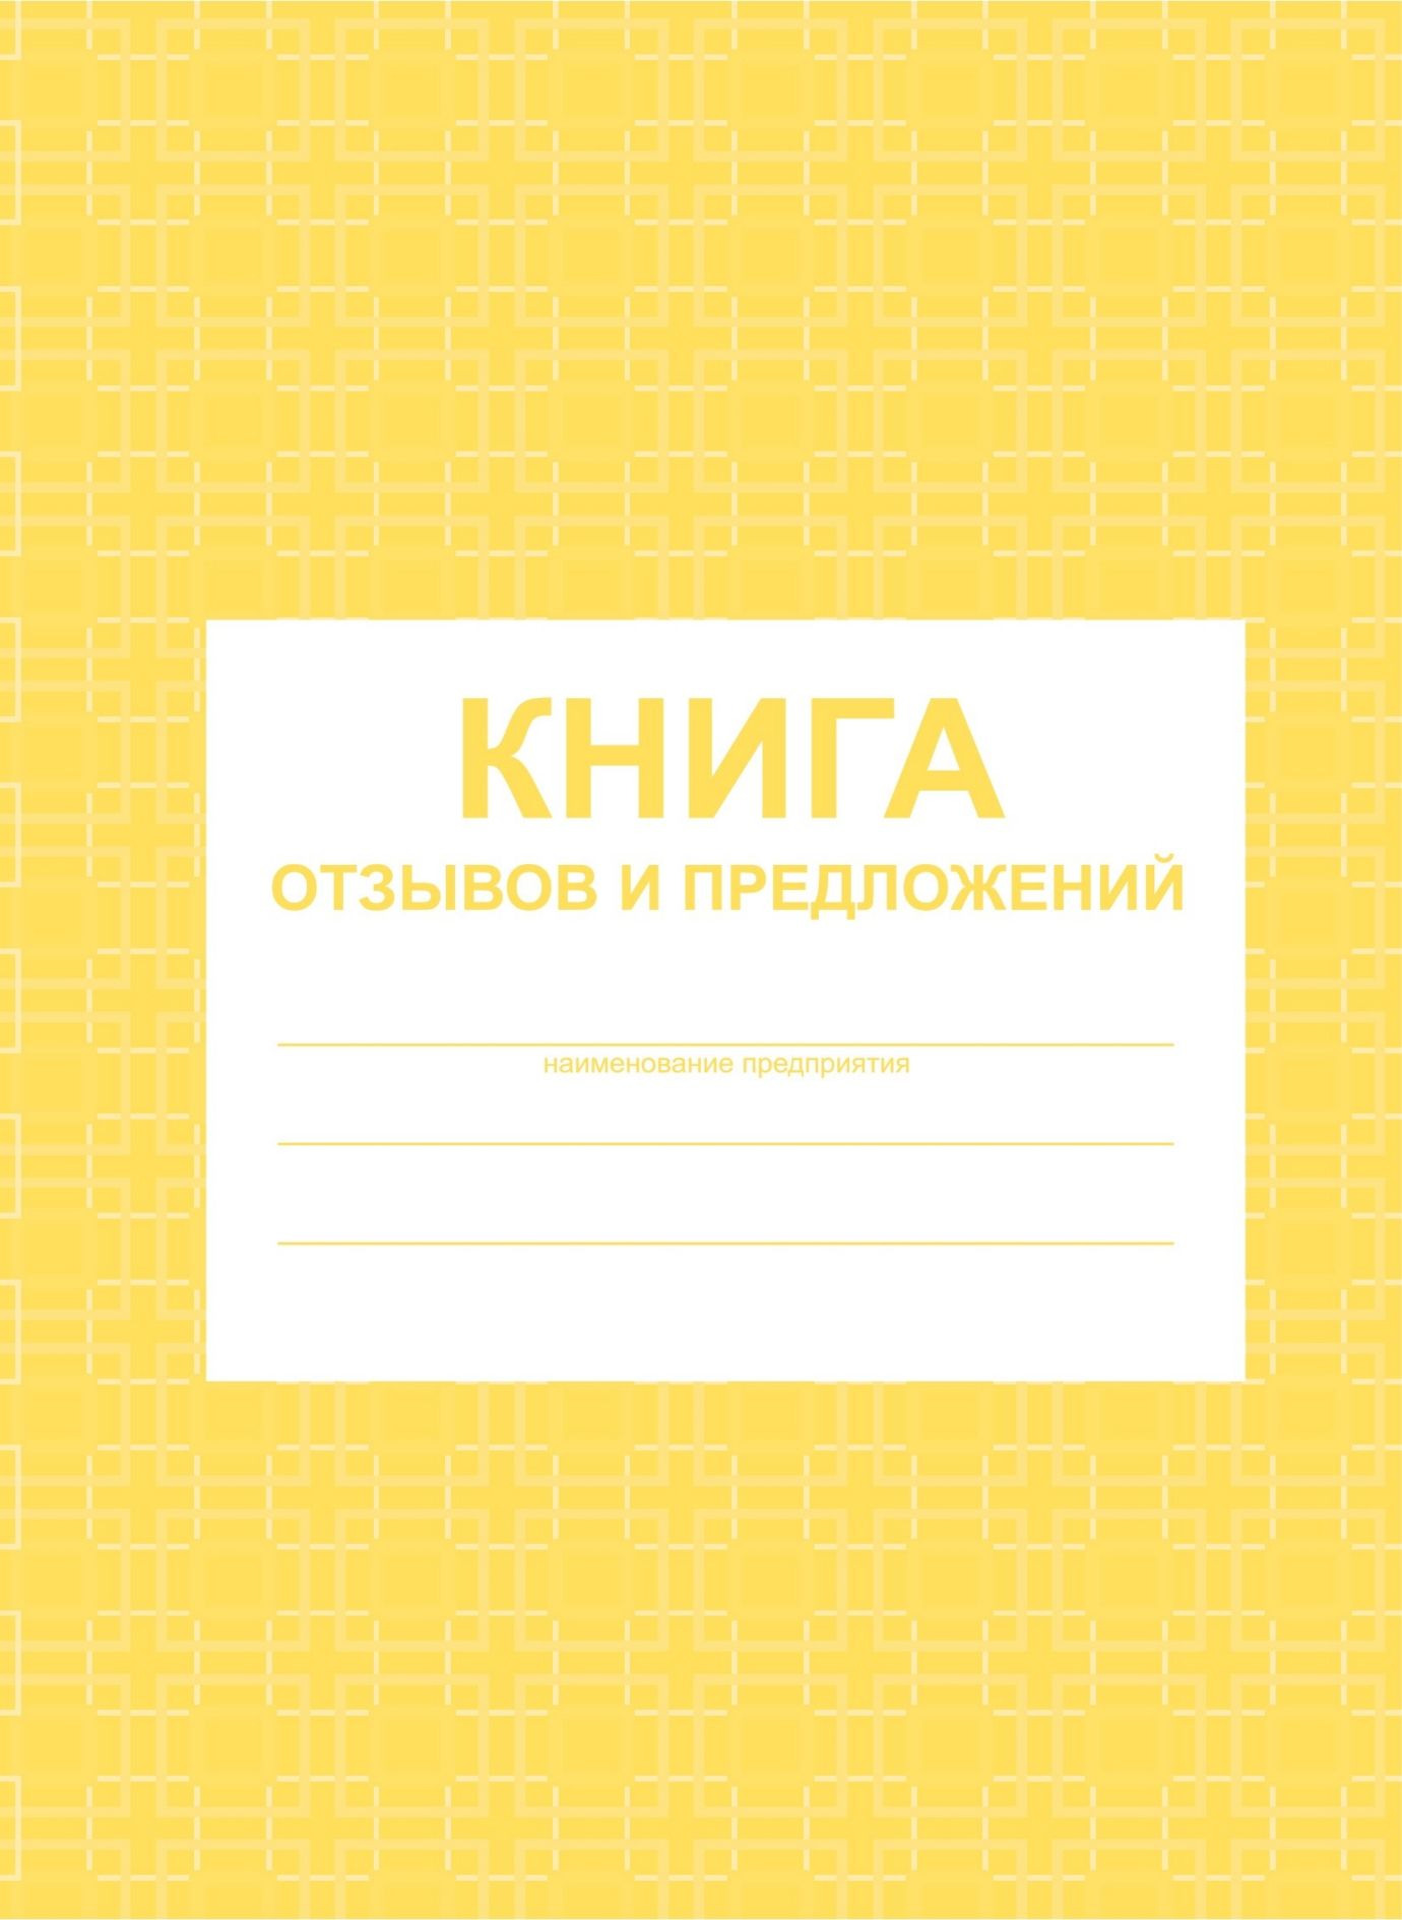 Книга отзывов и предложенийЖурналы и бланки для организаций различных форм собственности, включая ОО и ДОО<br>Материалы:на блок - бумага писчая, пл. 60.00;на обложку - картон мелованный, пл. 190.00.<br><br>Год: 2017<br>Высота: 195<br>Ширина: 140<br>Толщина: 4<br>Переплёт: мягкая, скрепка